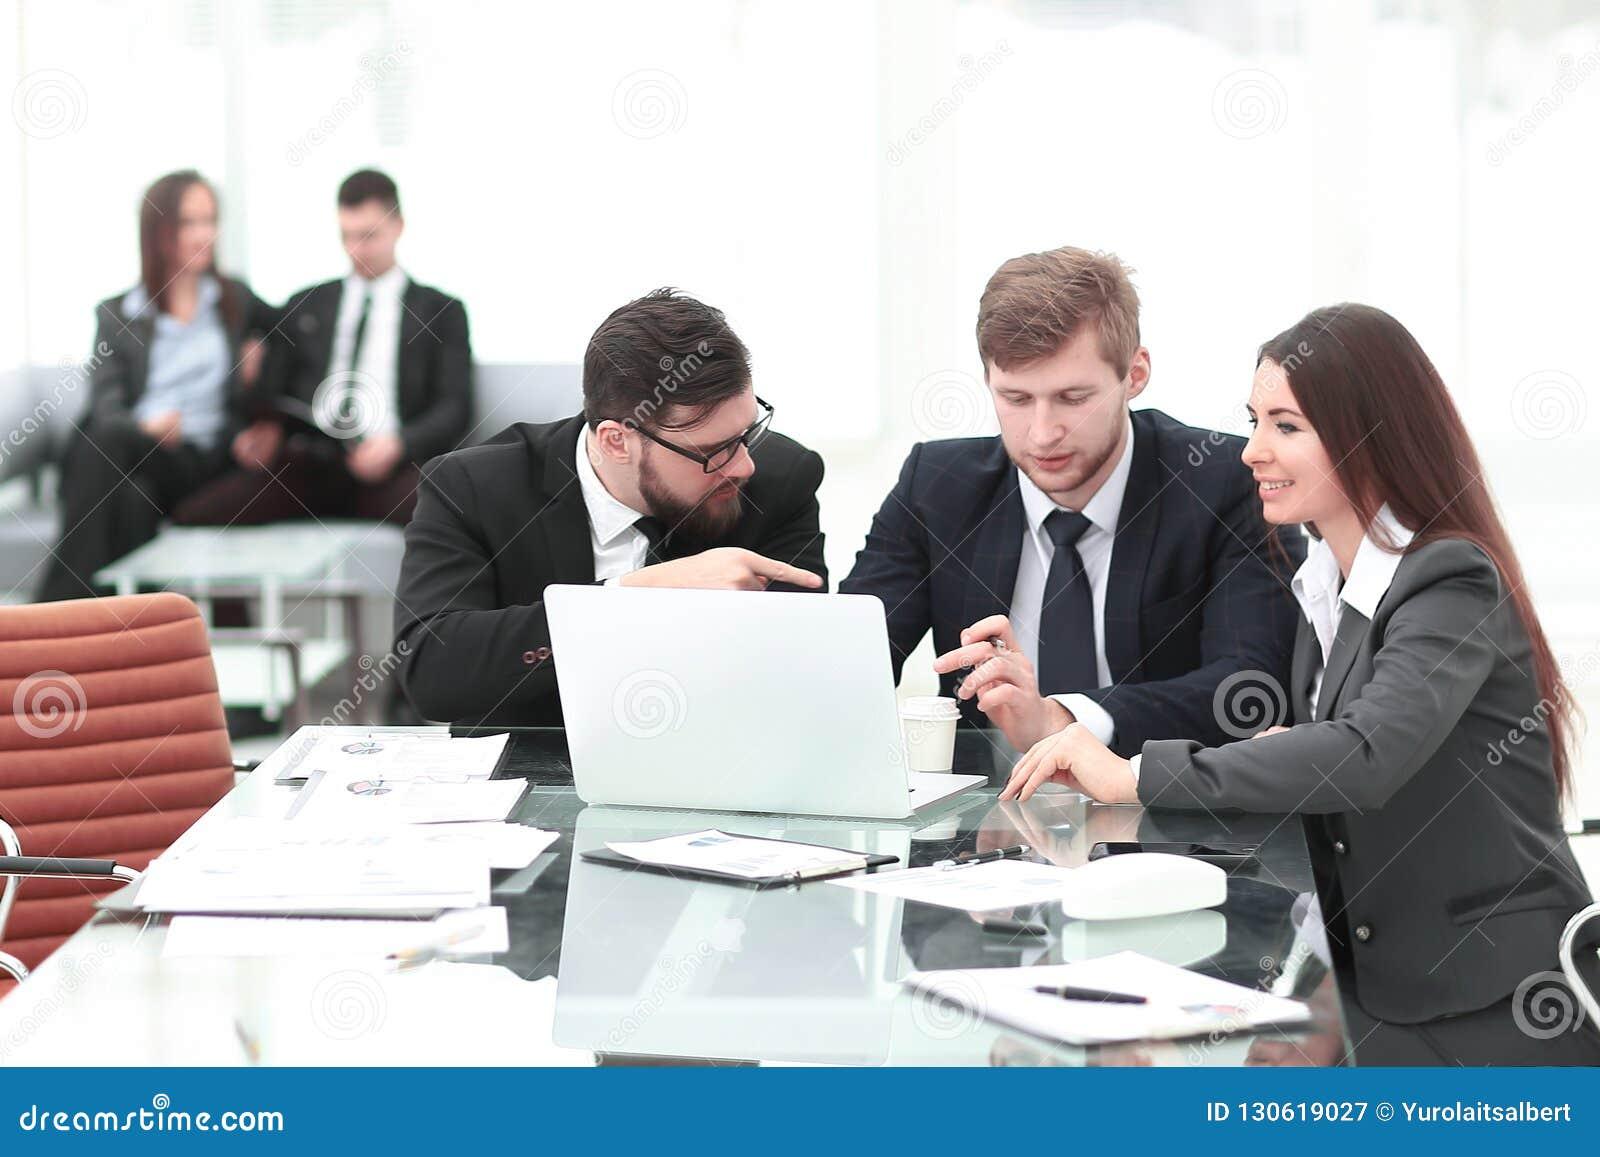 Employés de la société discutant avec le client les clauses contractuelles